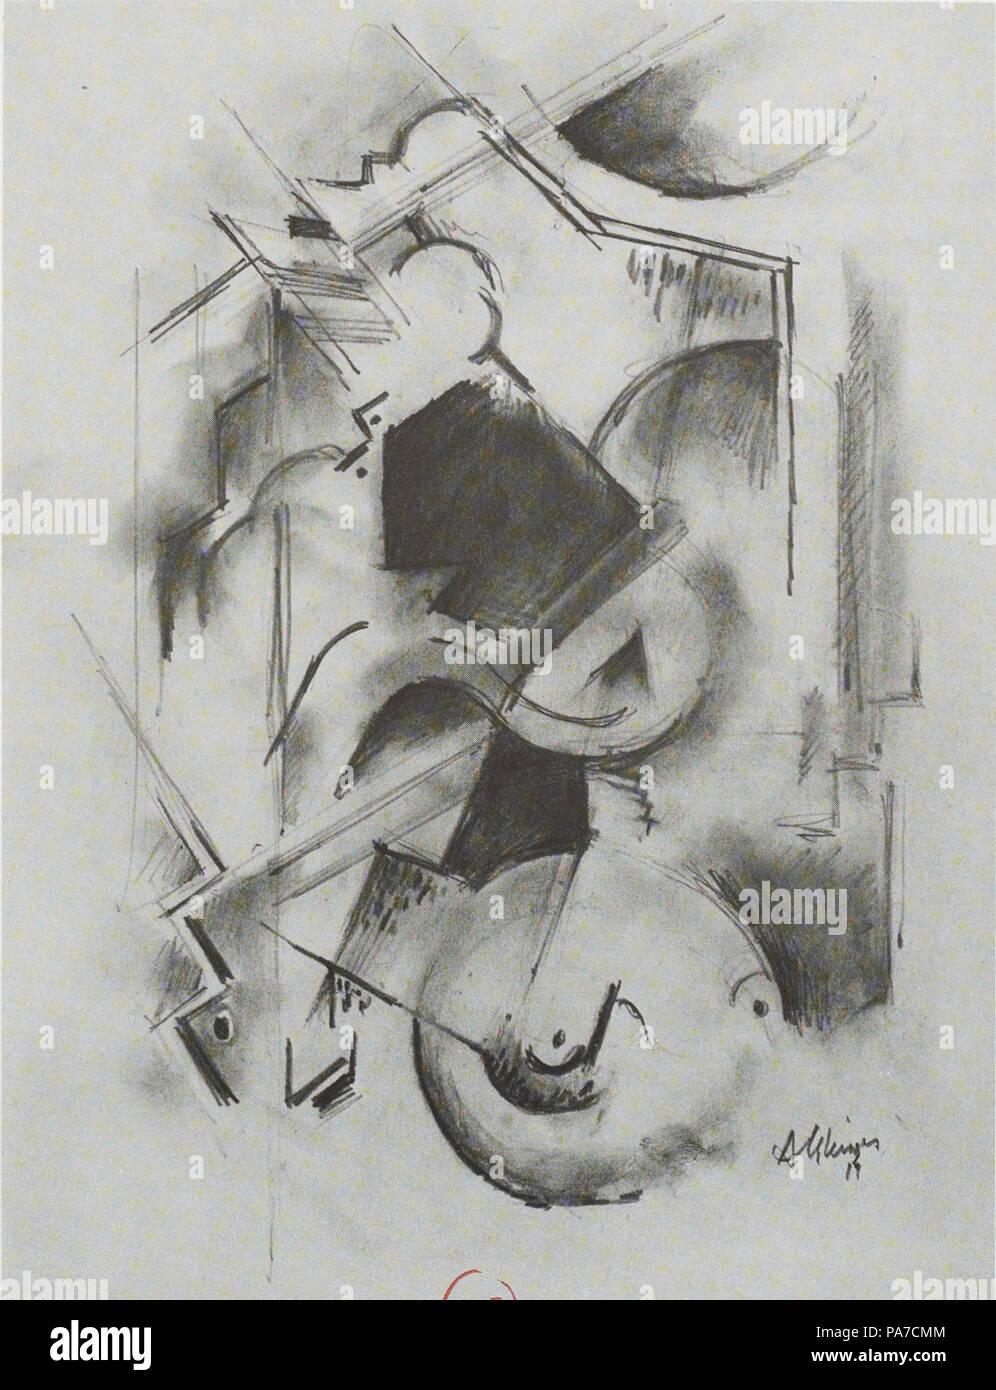 . English: Albert Gleizes, 1914-15, Portrait de Florent Schmitt (Le Pianiste), pastel, 36 x 27 cm (black and white photographic reproduction) . between 1914 and 1915 109 Albert Gleizes, 1914-15, Portrait de Florent Schmitt (Le Pianiste), pastel, 36 x 27 cm - Stock Image